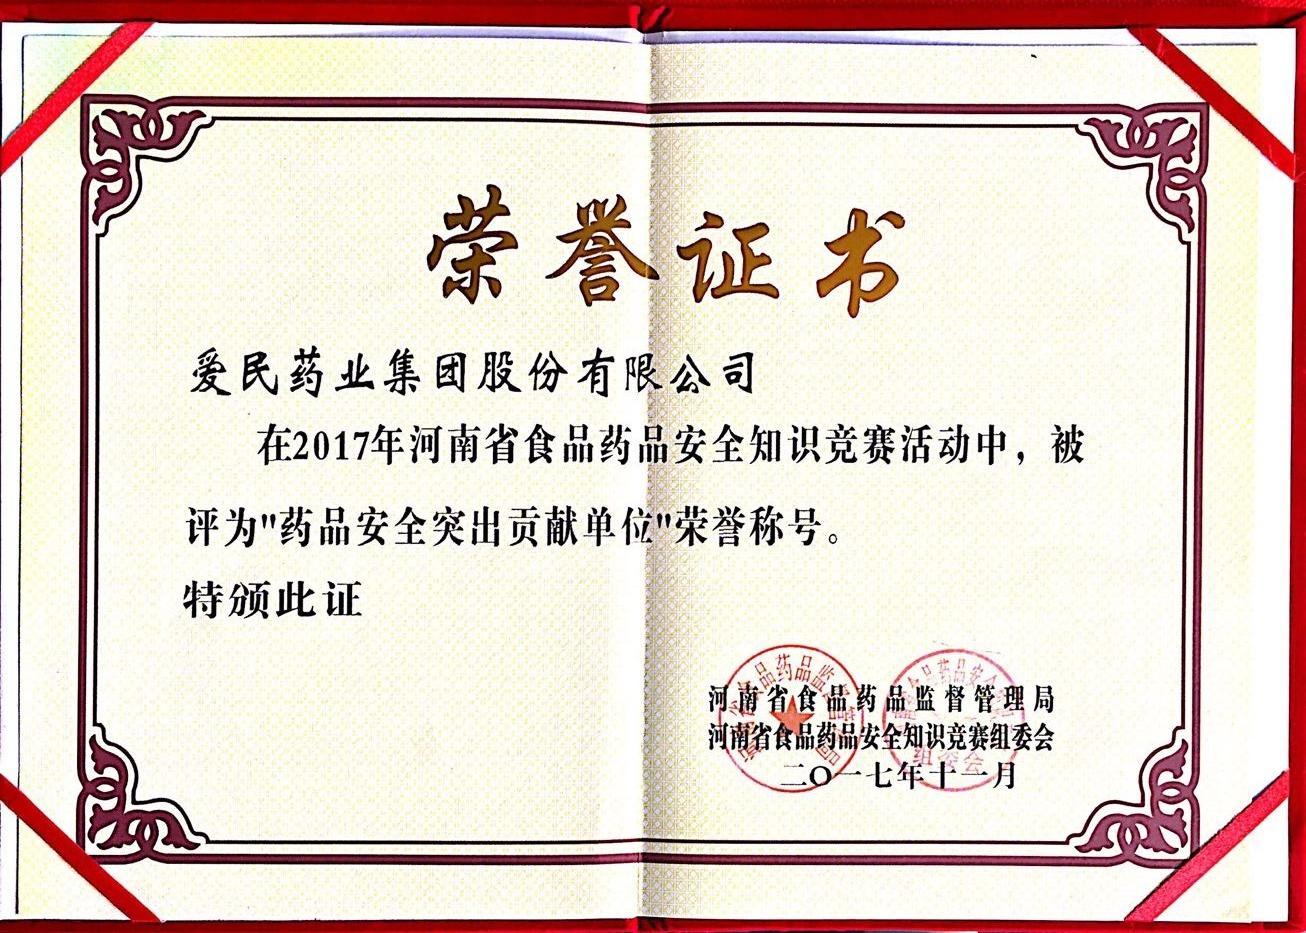 药品安全突出贡献单位荣誉证书